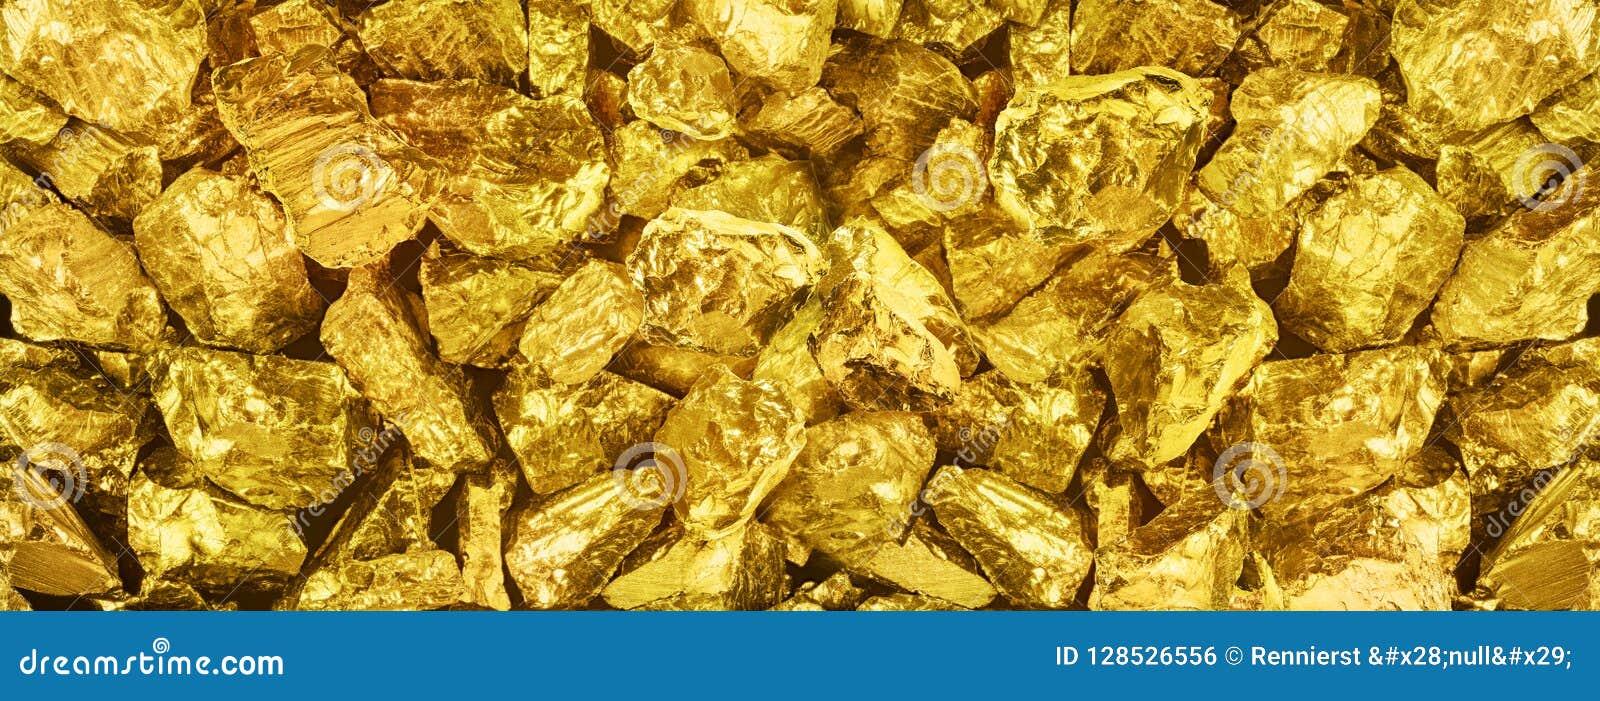 |Foto grande do panorama do close-up dourado de muitas pepitas Backgr largo